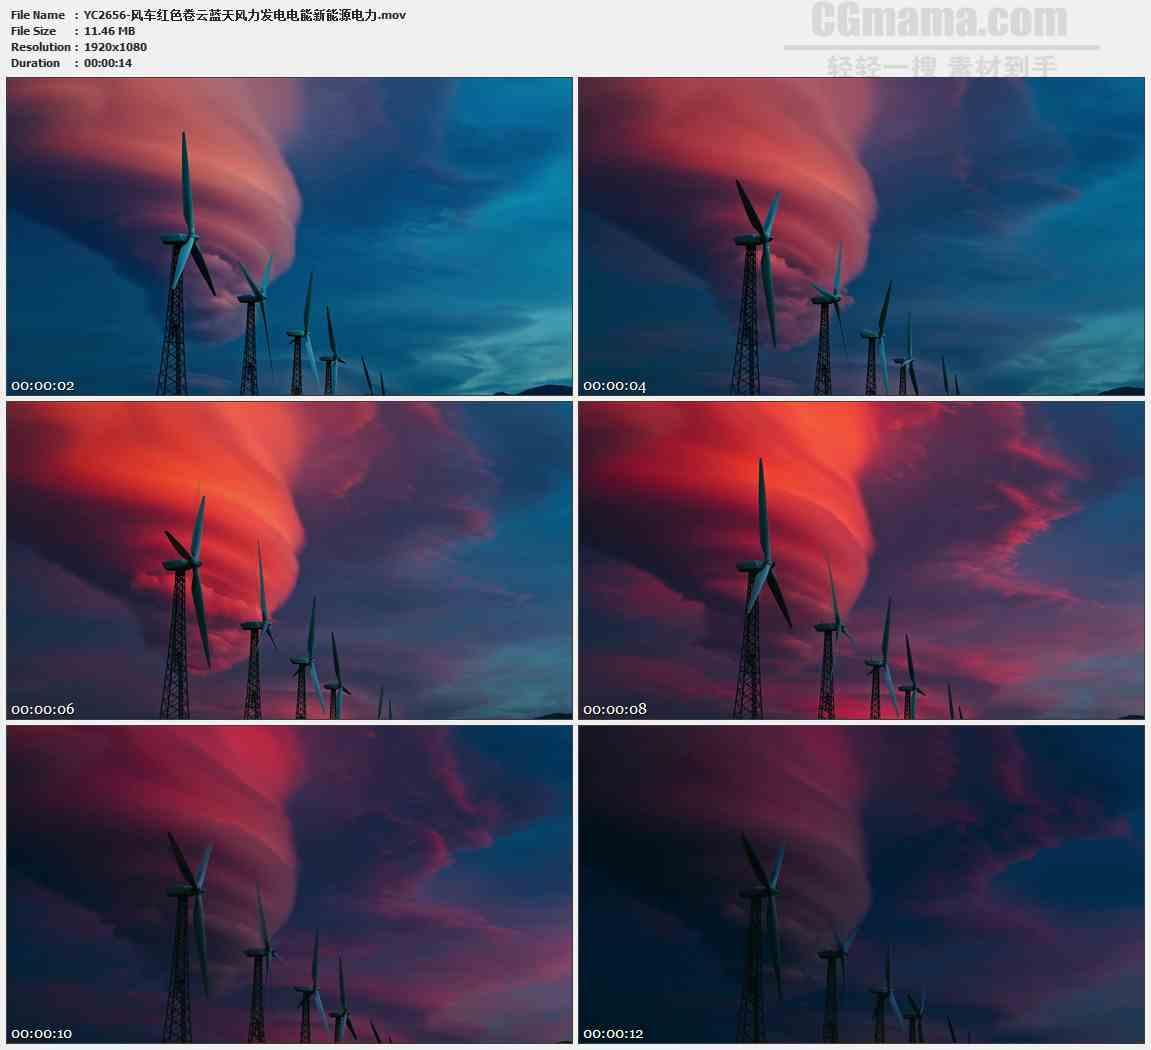 YC2656-风车红色卷云蓝天风力发电电能新能源电力高清实拍视频素材